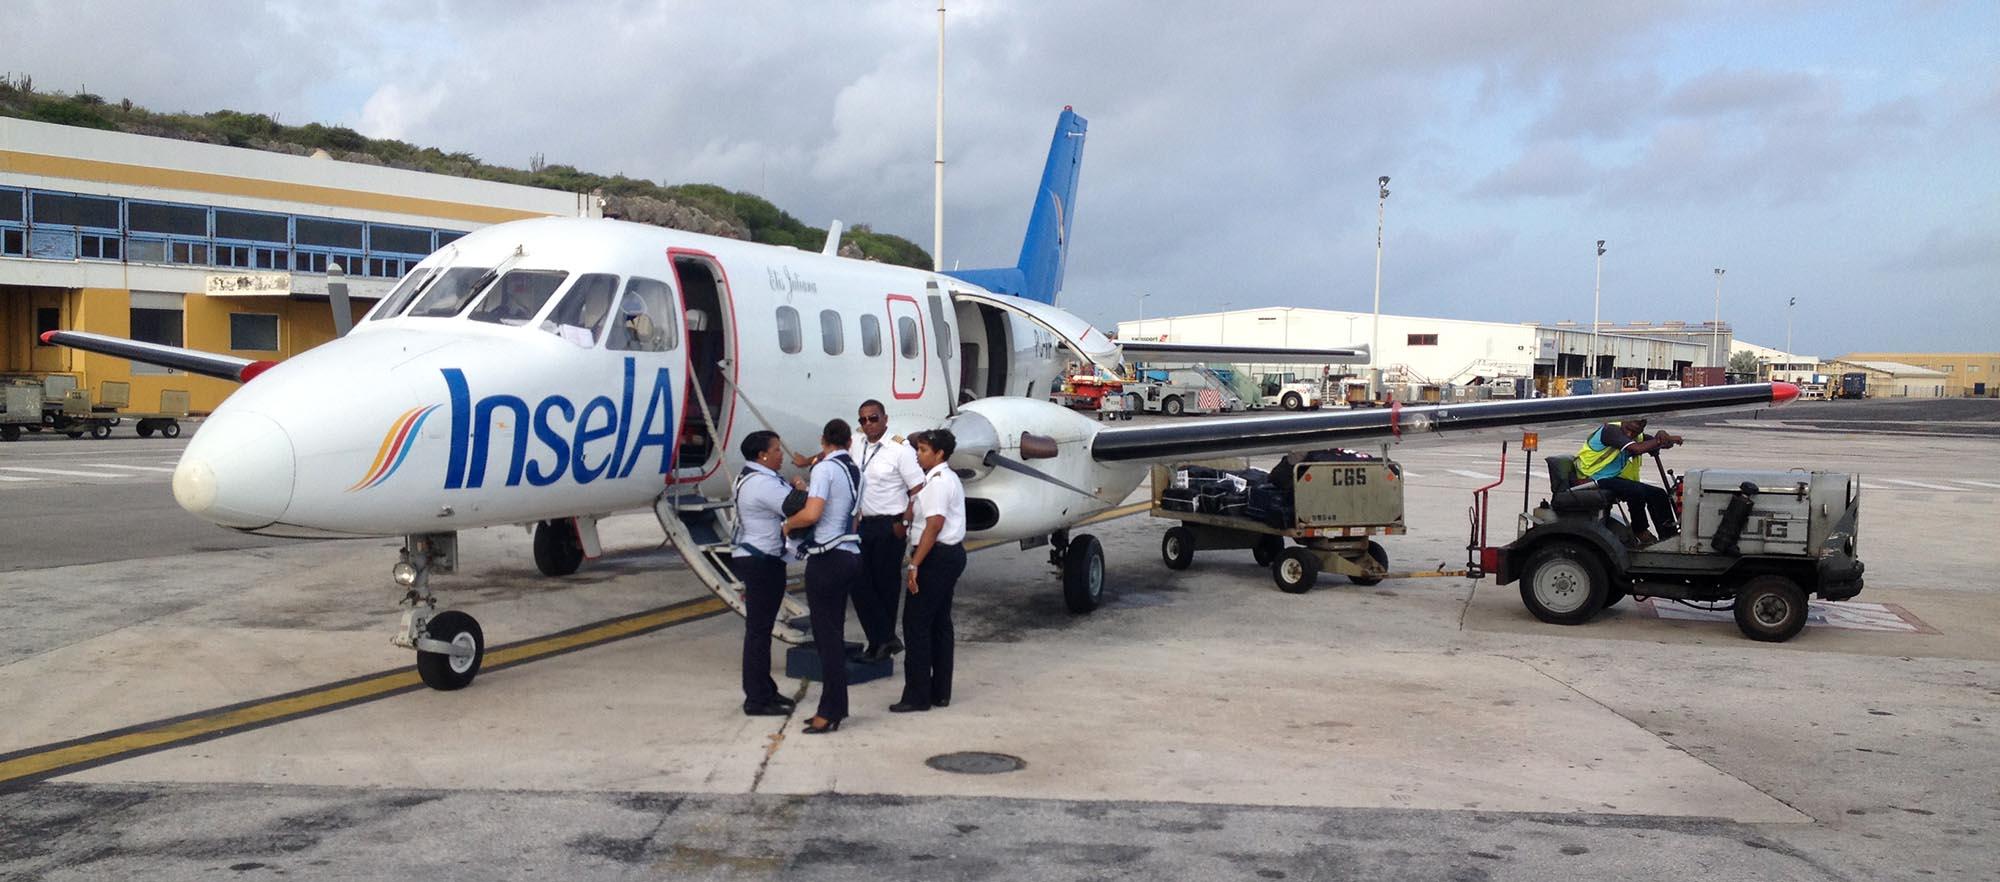 Insel air voorlopig niet naar Suriname